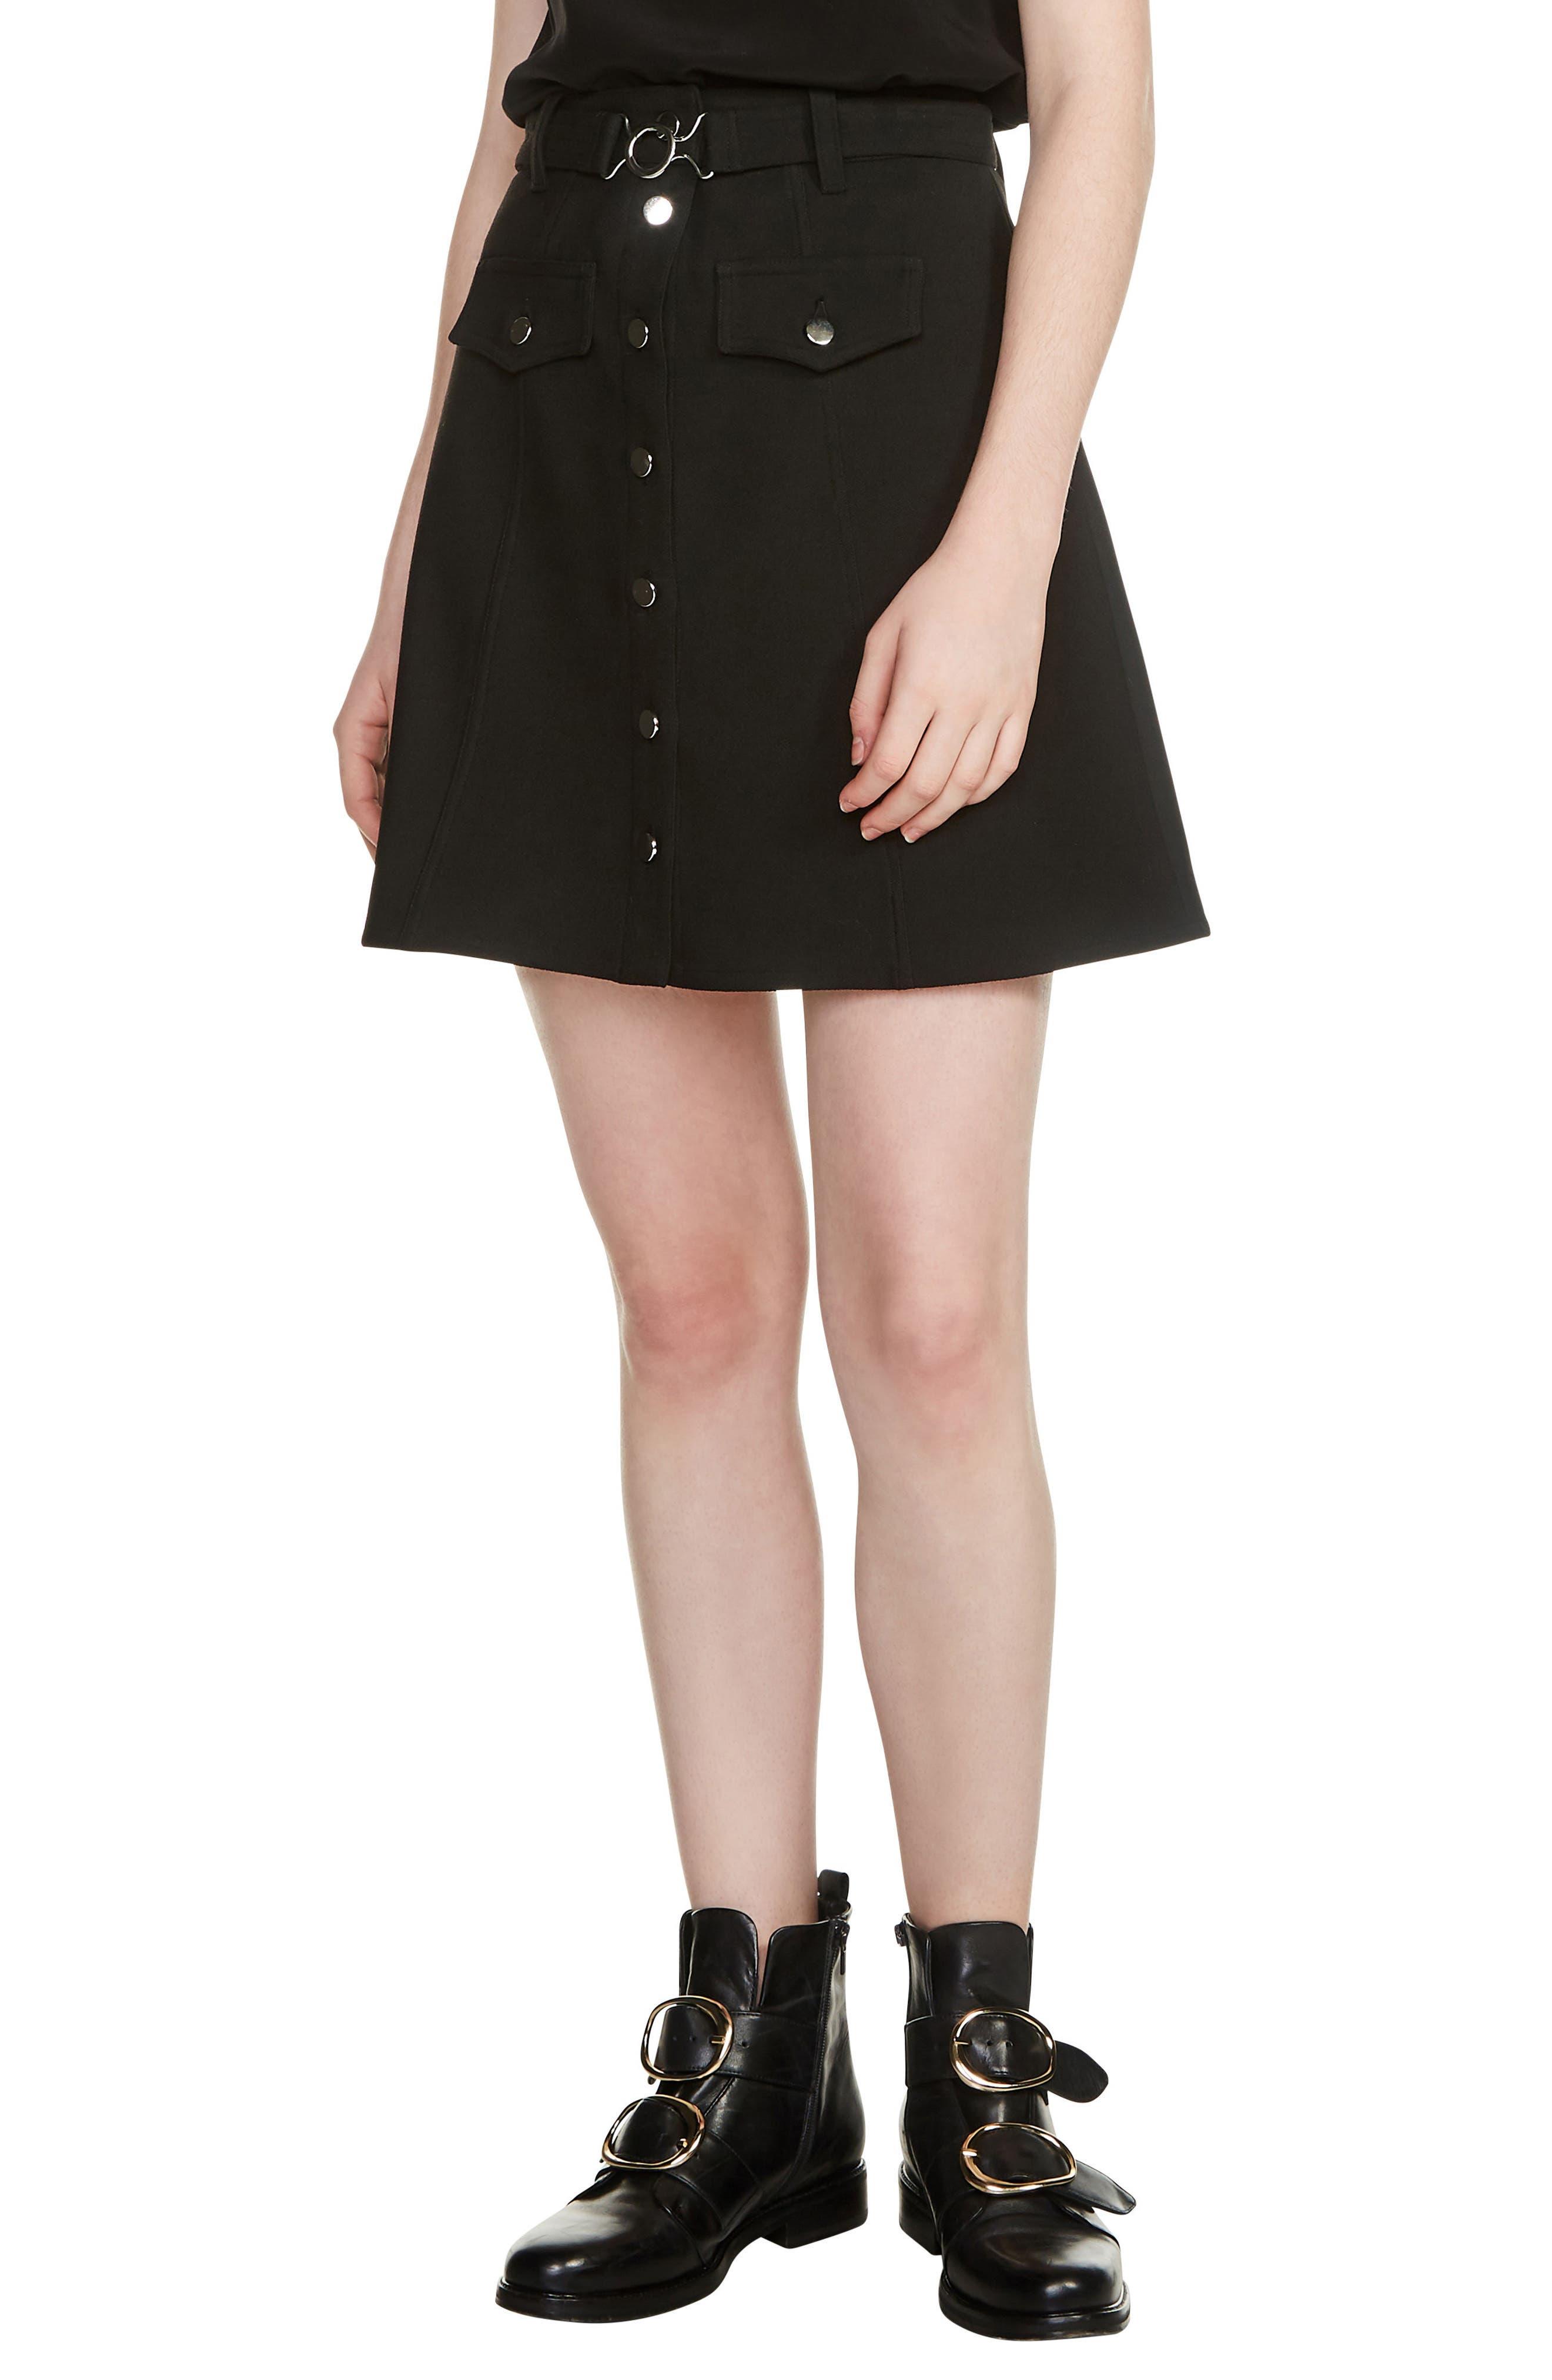 Jibrali Snap Mini Skirt,                             Main thumbnail 1, color,                             001